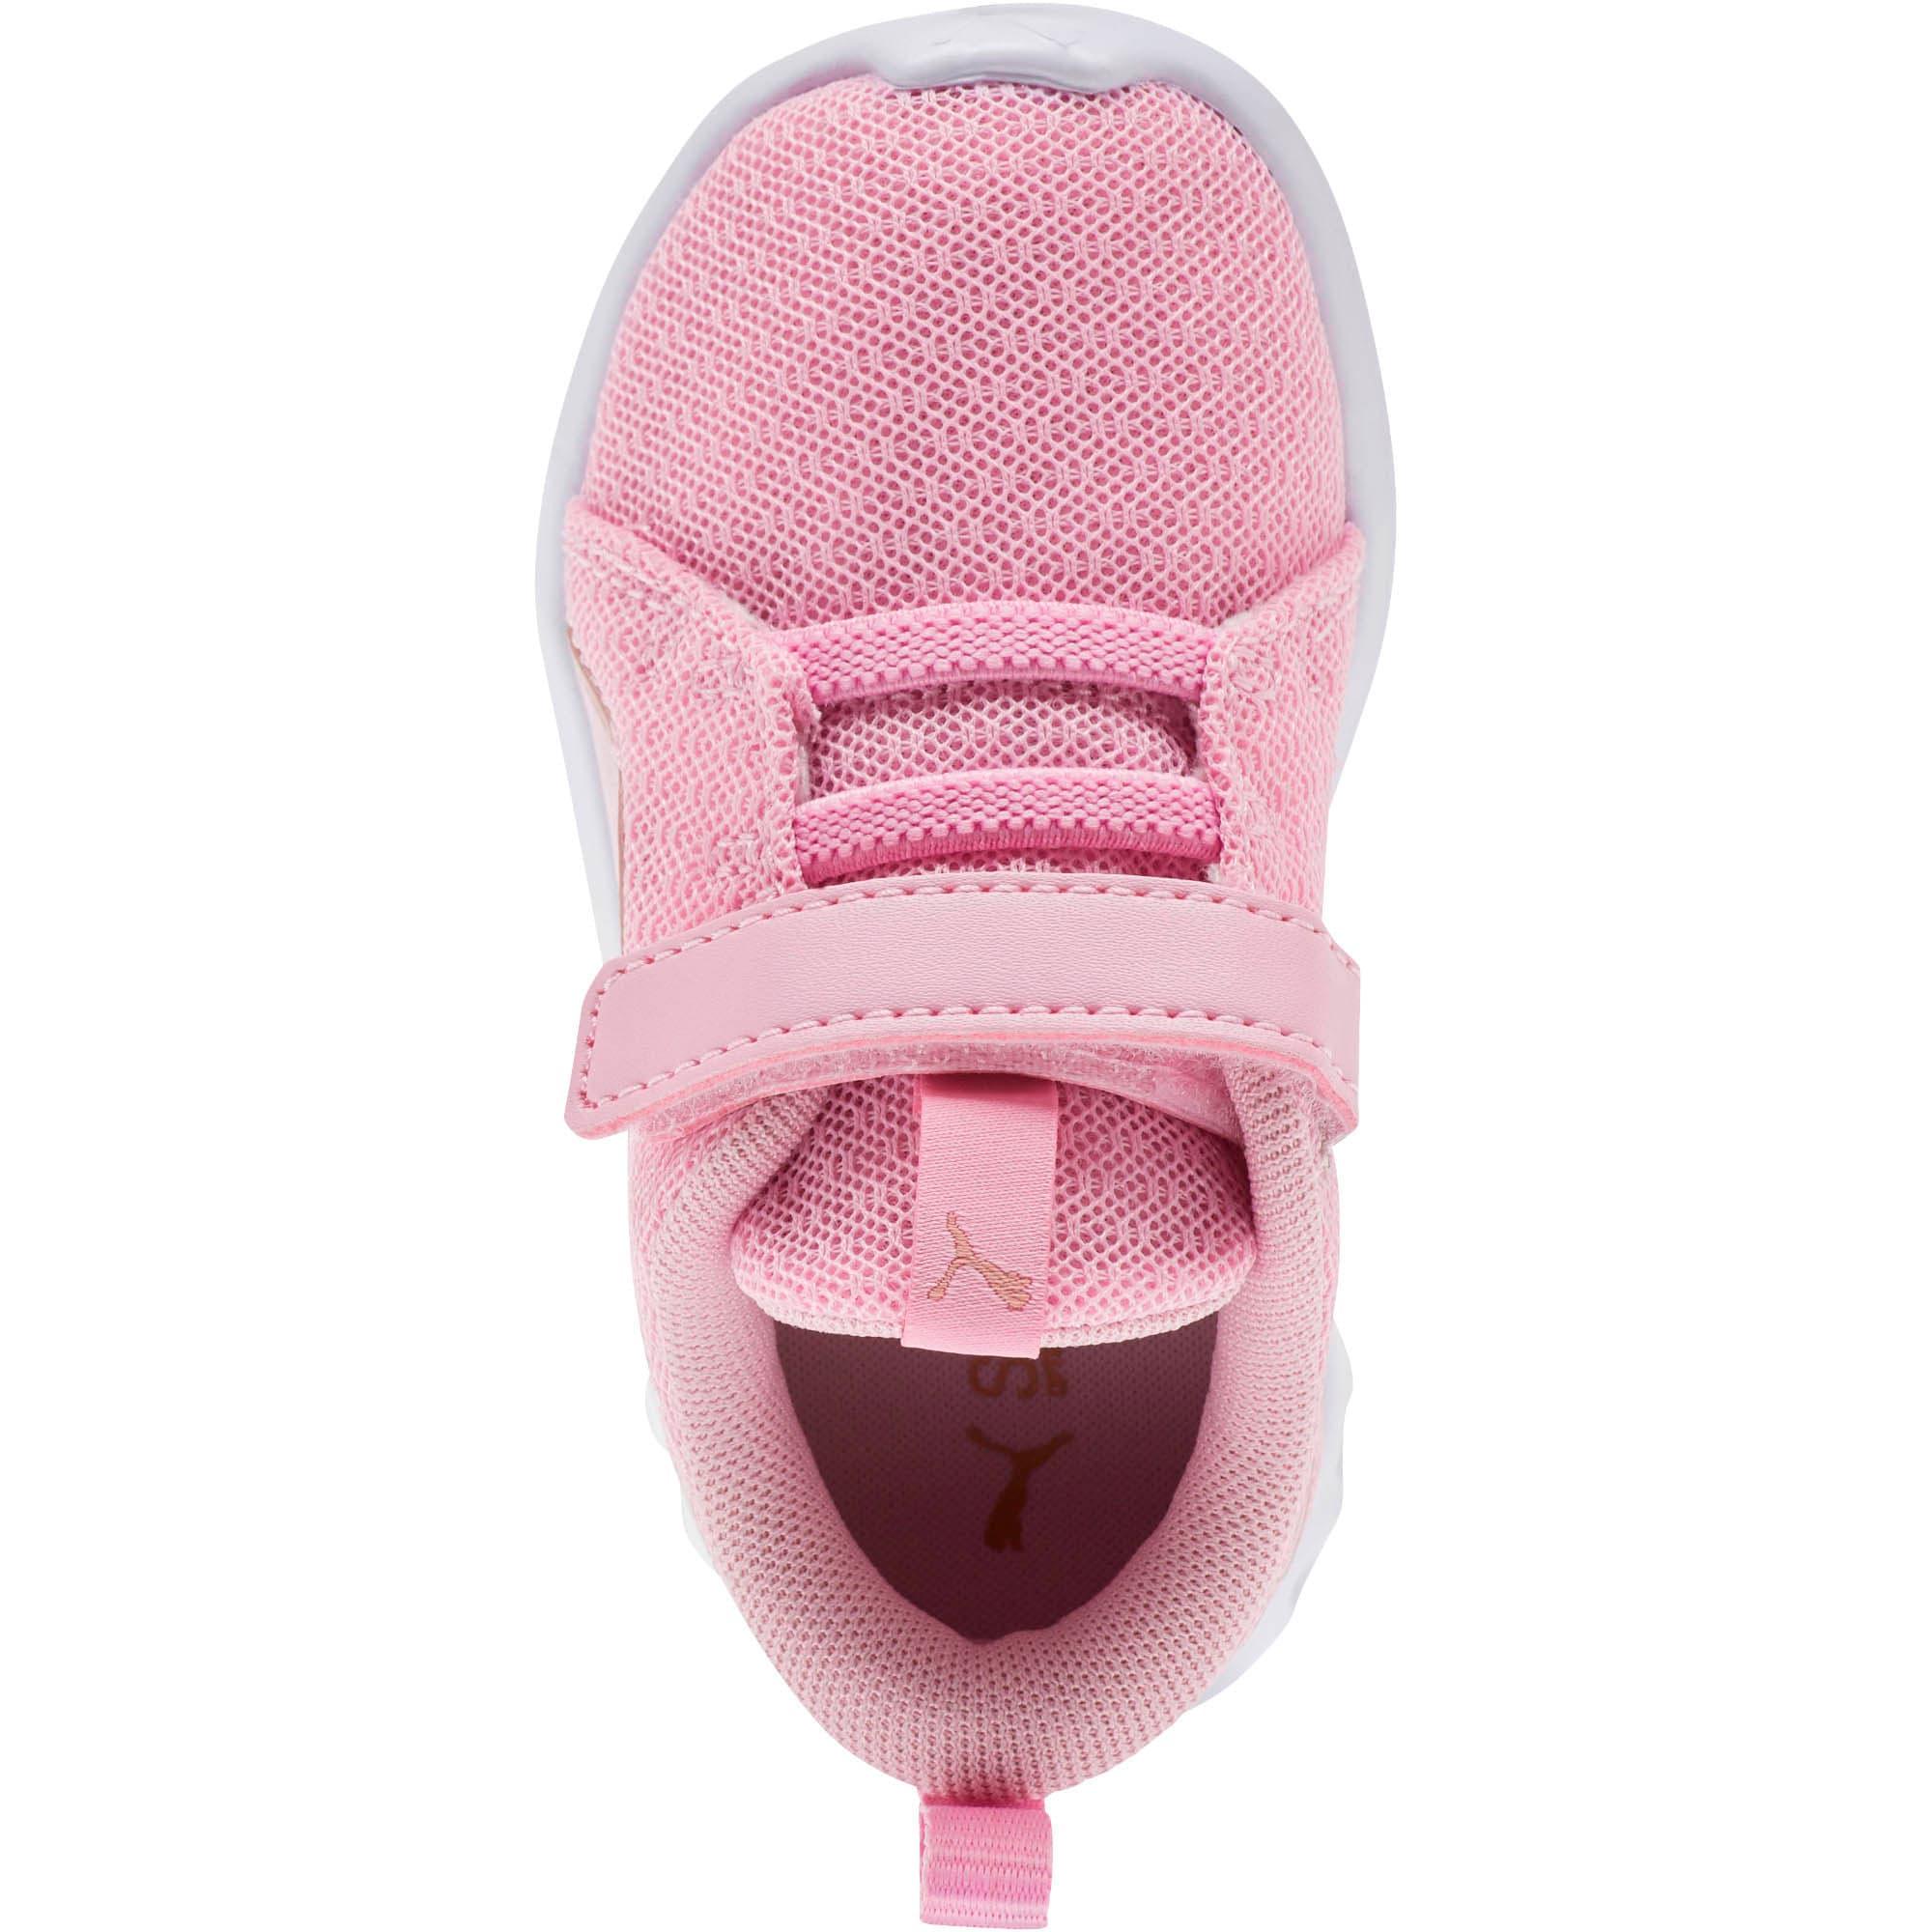 Thumbnail 5 of Carson 2 Metallic Mesh Toddler Shoes, Pale Pink-Rose Gold, medium